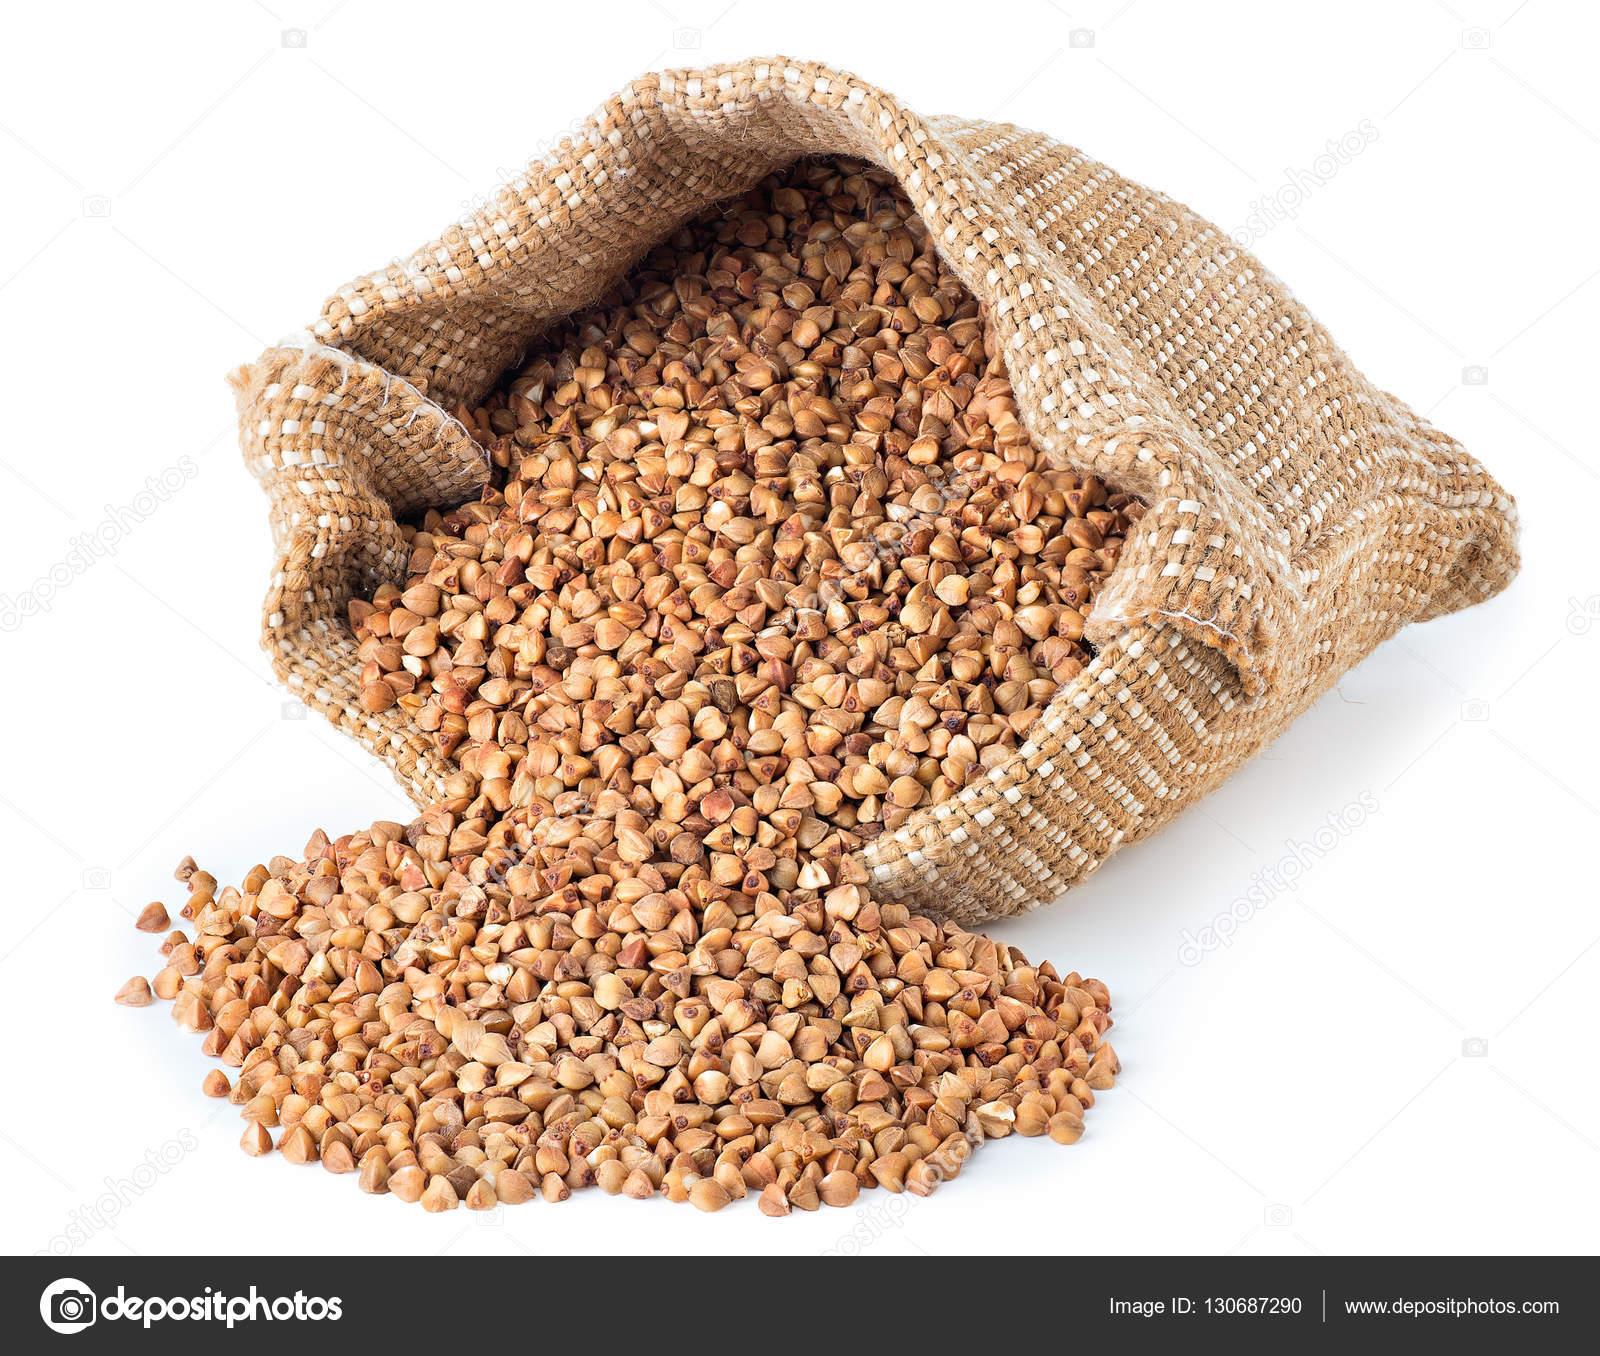 UFO 08-09.12.2018r. Weekend Depositphotos_130687290-stock-photo-buckwheat-in-bag-isolated-on